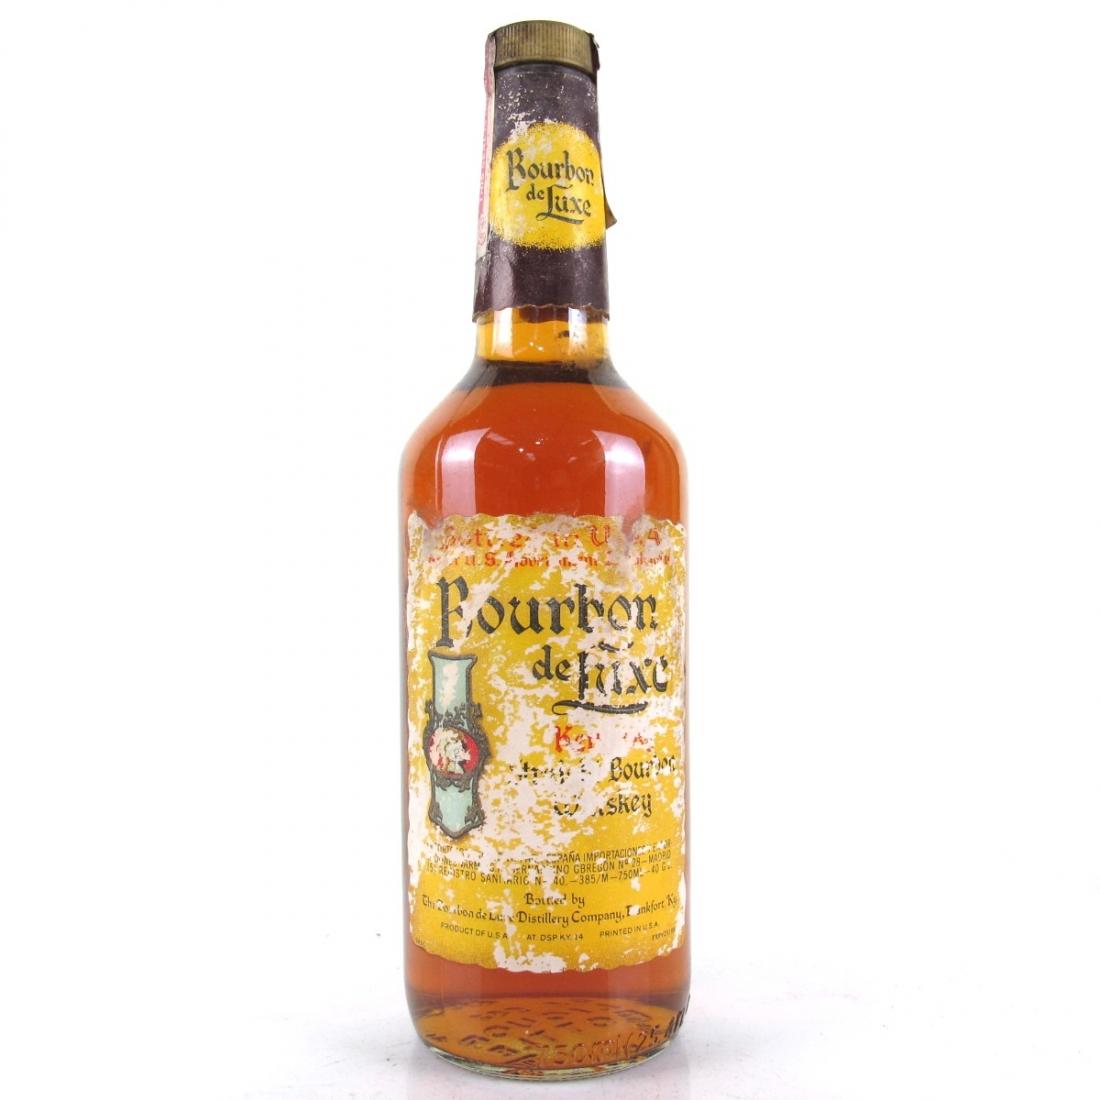 Bourbon De Luxe Kentucky Straight Bourbon 1980s